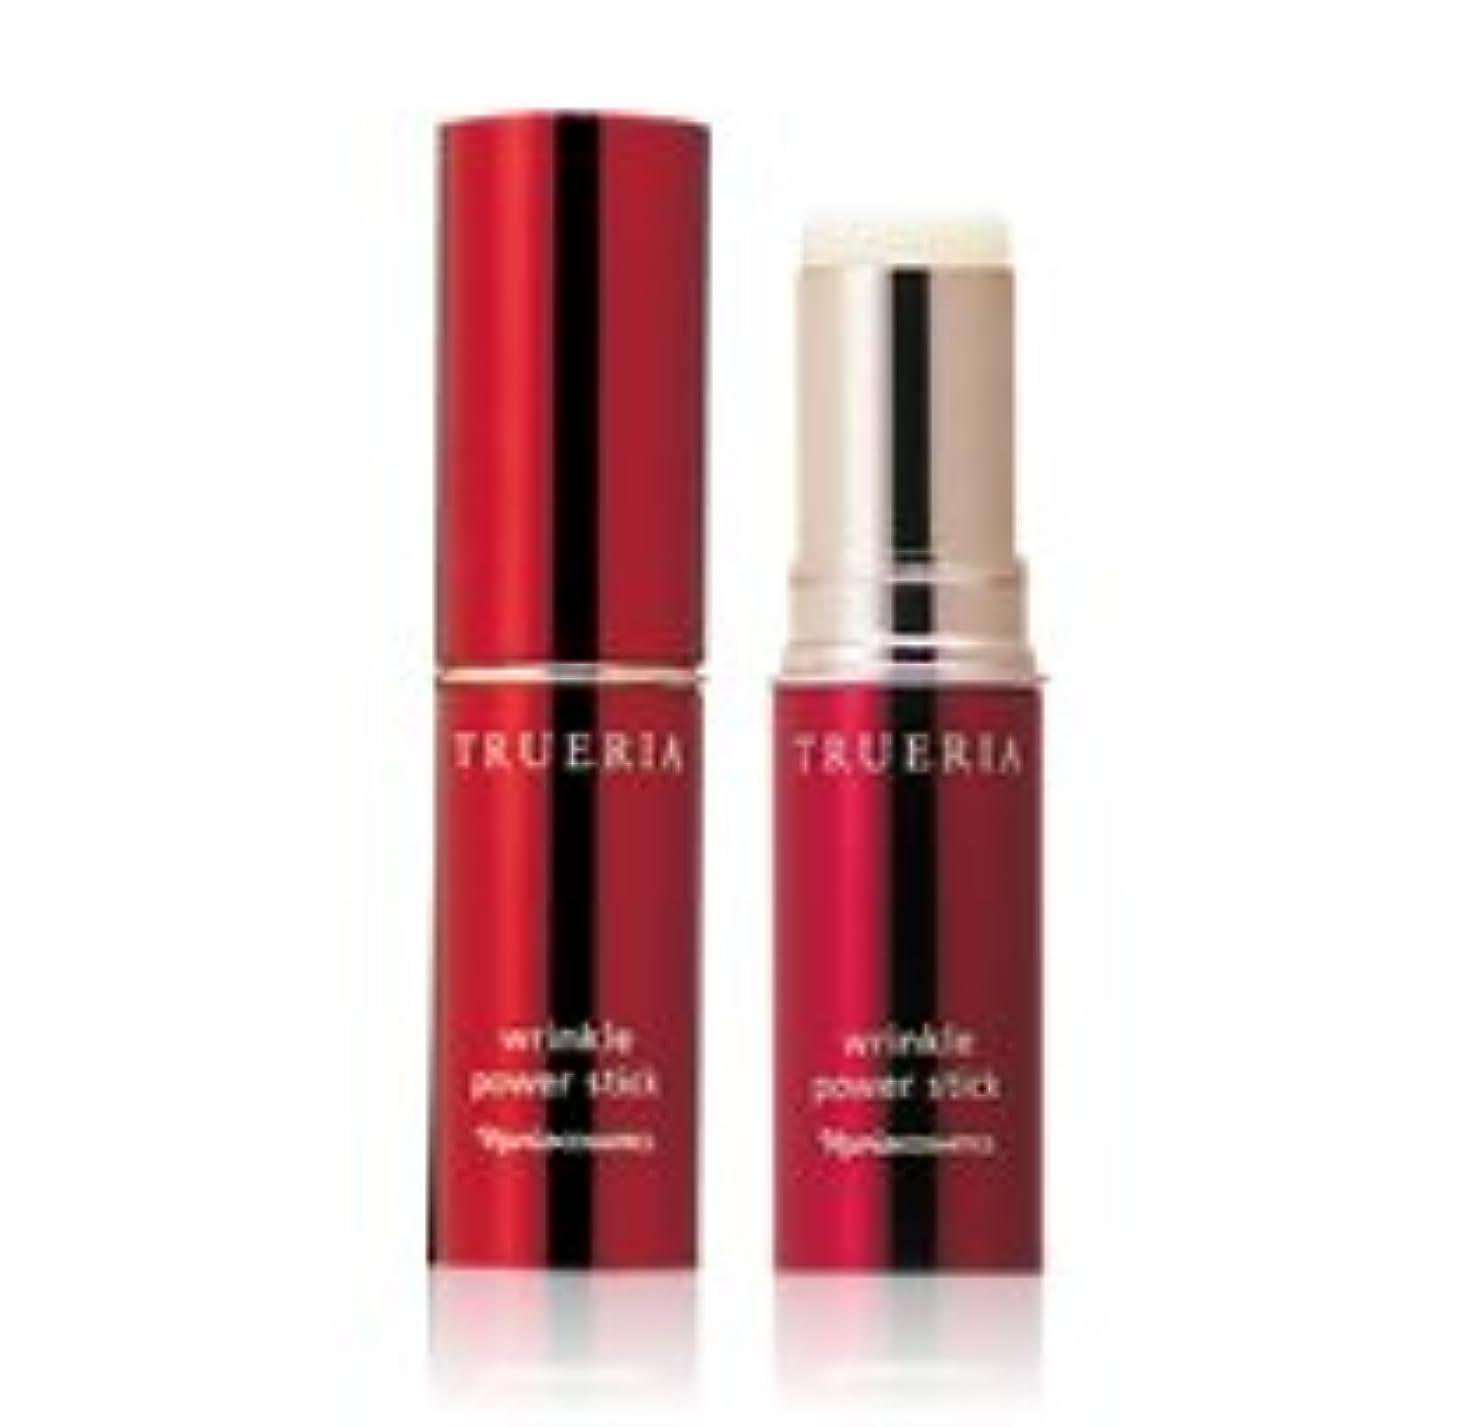 シダ不適切な感謝するナリス化粧品 トゥルーリアWR リンクル パワー スティック